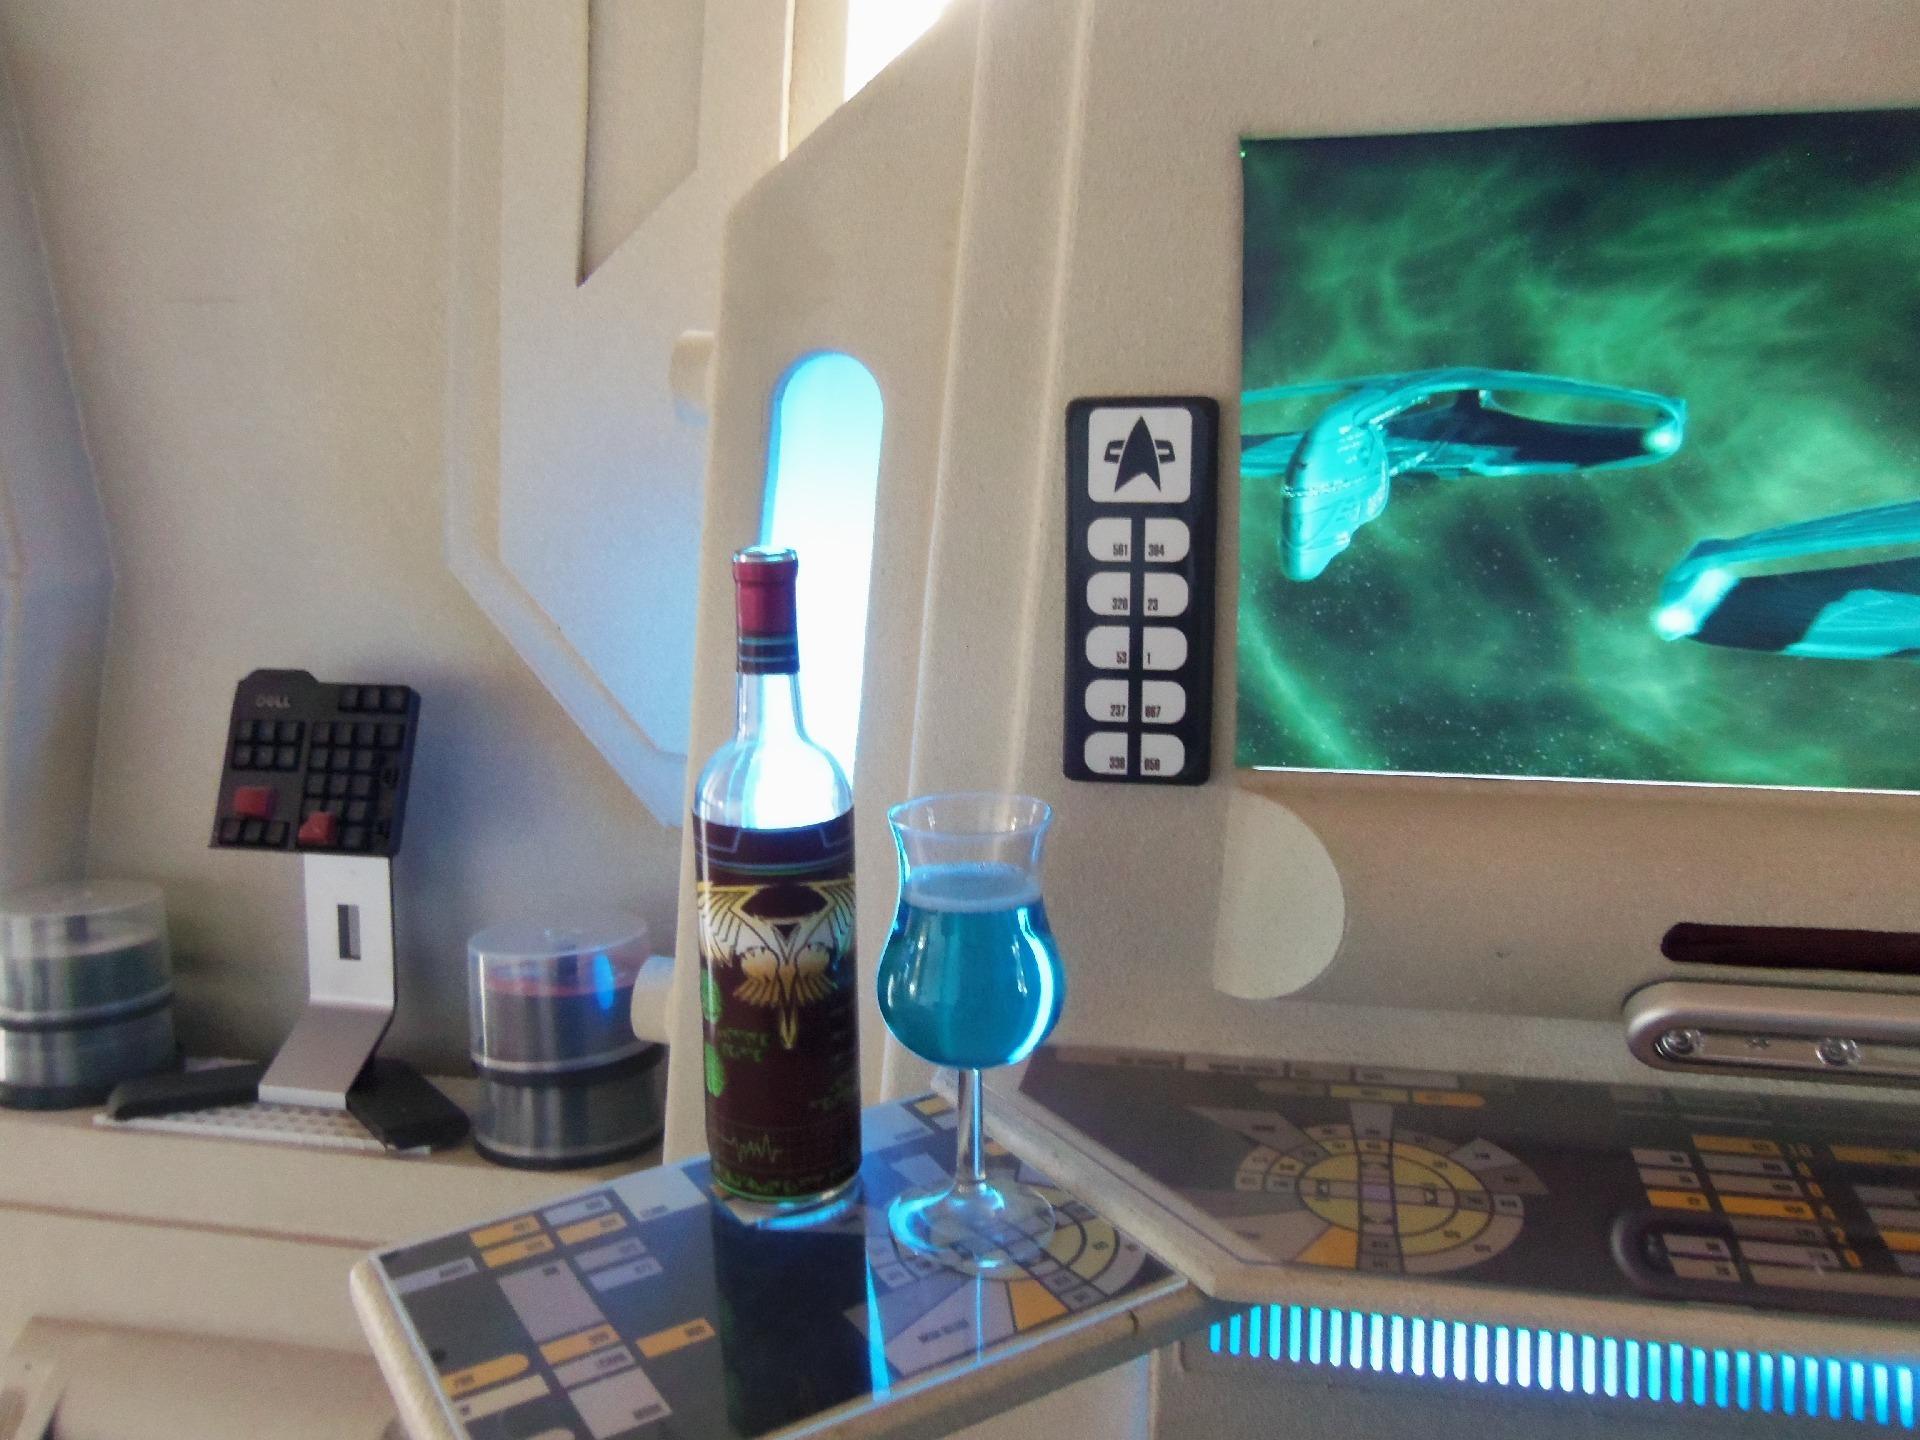 Hintergrundbilder : Häuser, Trek, Star, Colorado, Innenräume, Wein ...